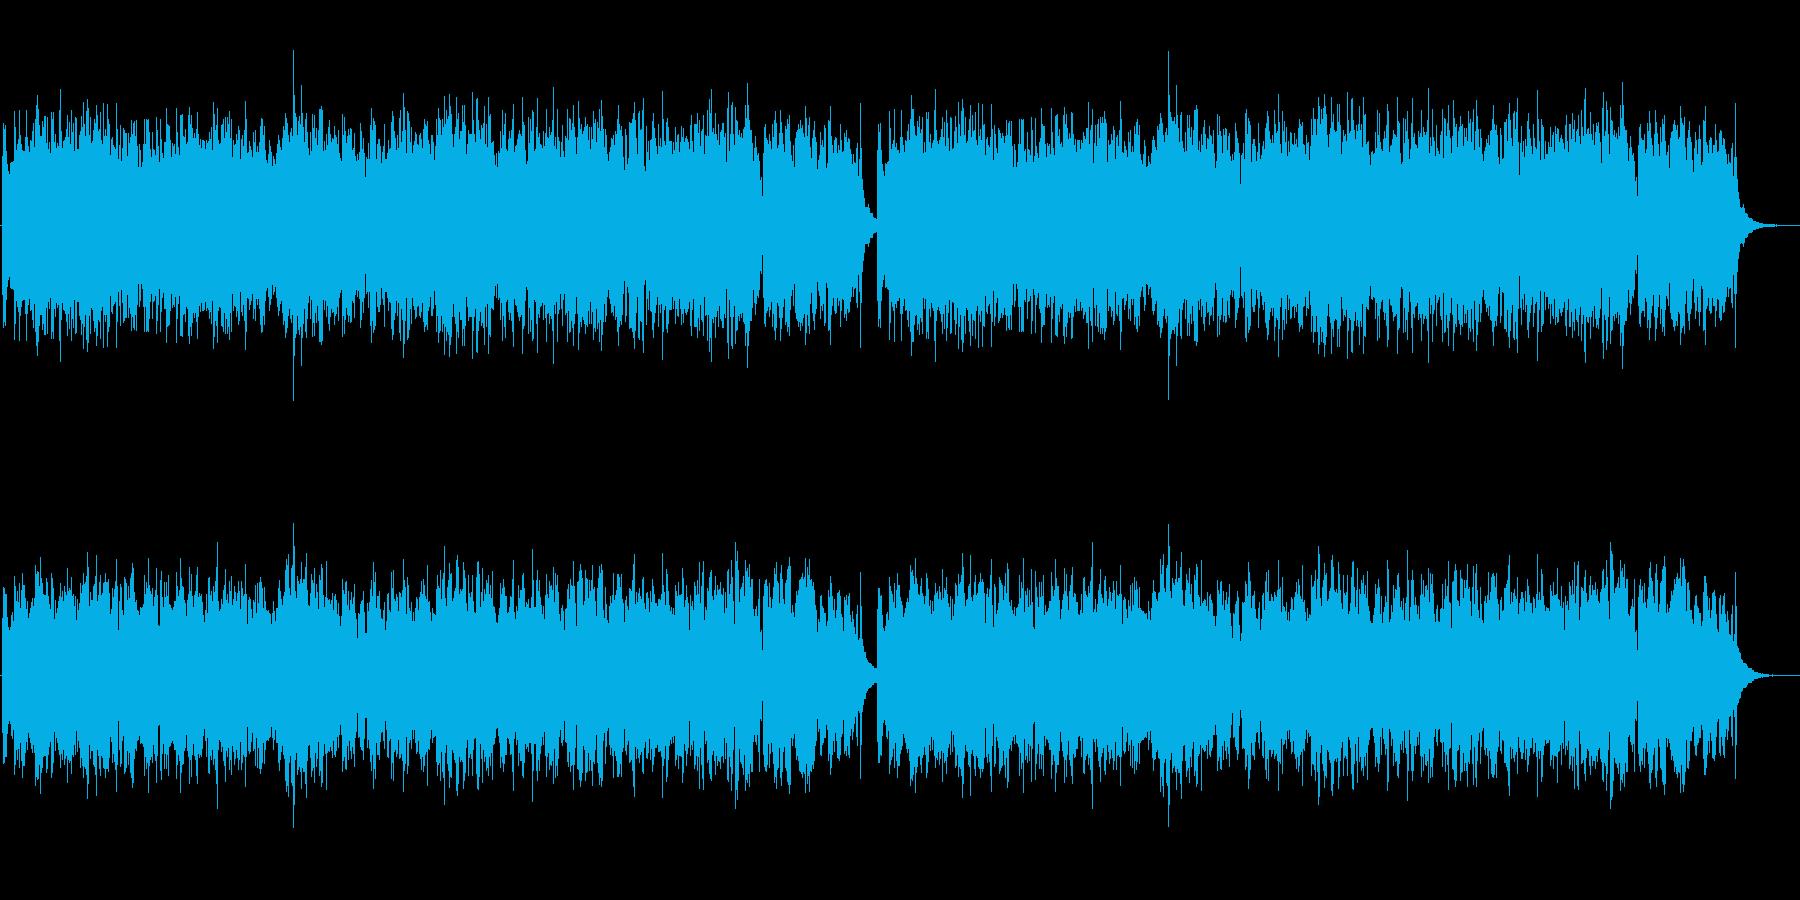 アコーディオンが印象的な悲しげなジングルの再生済みの波形